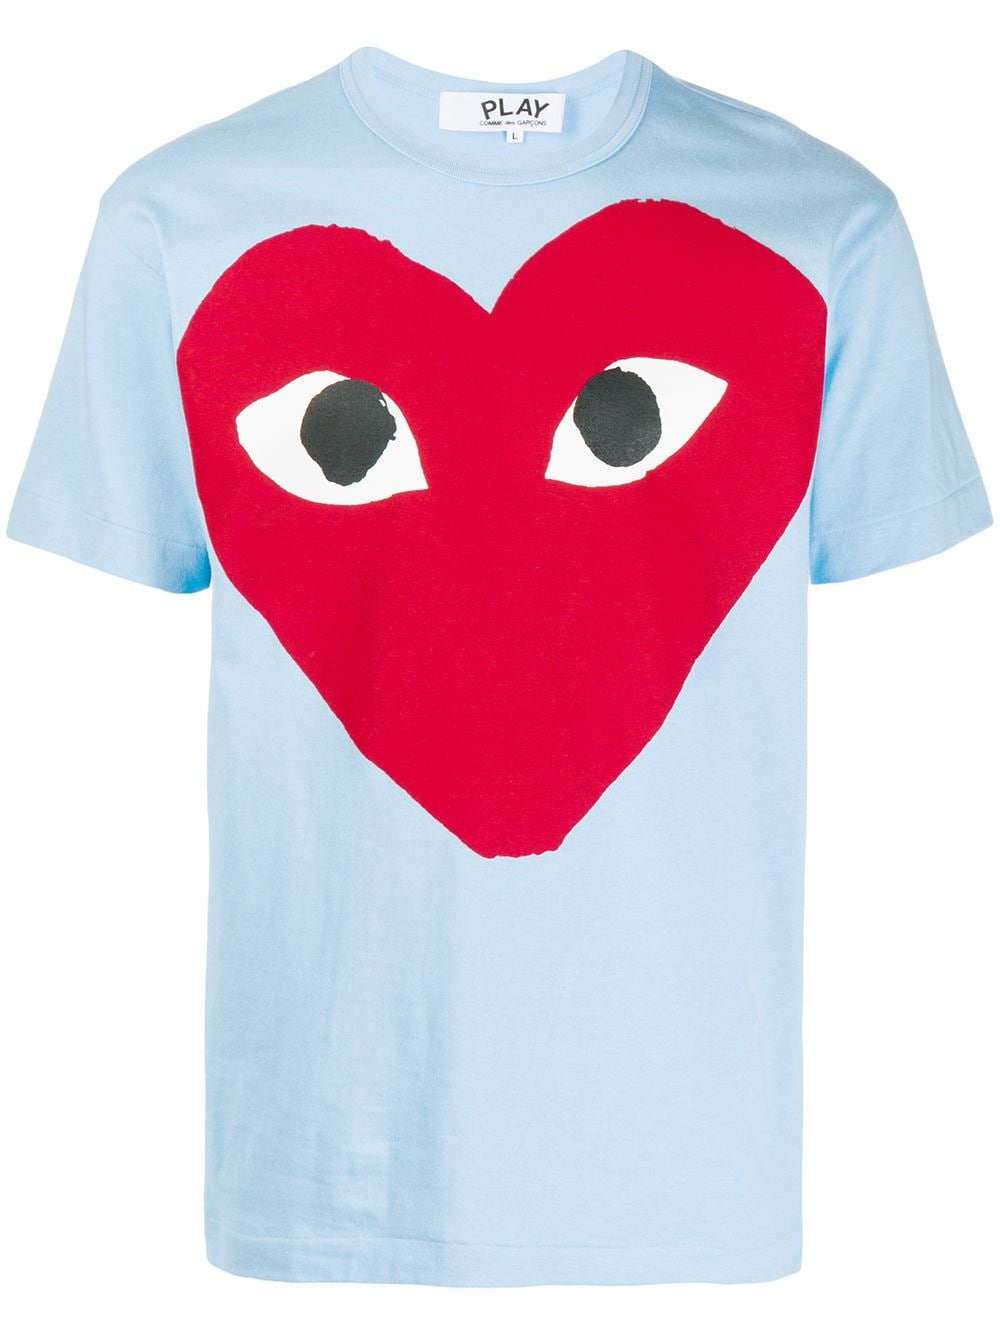 Comme Des Garçons Play t-shirt unisex COMME DES GARÇONS PLAY | T-shirts | P1T2741